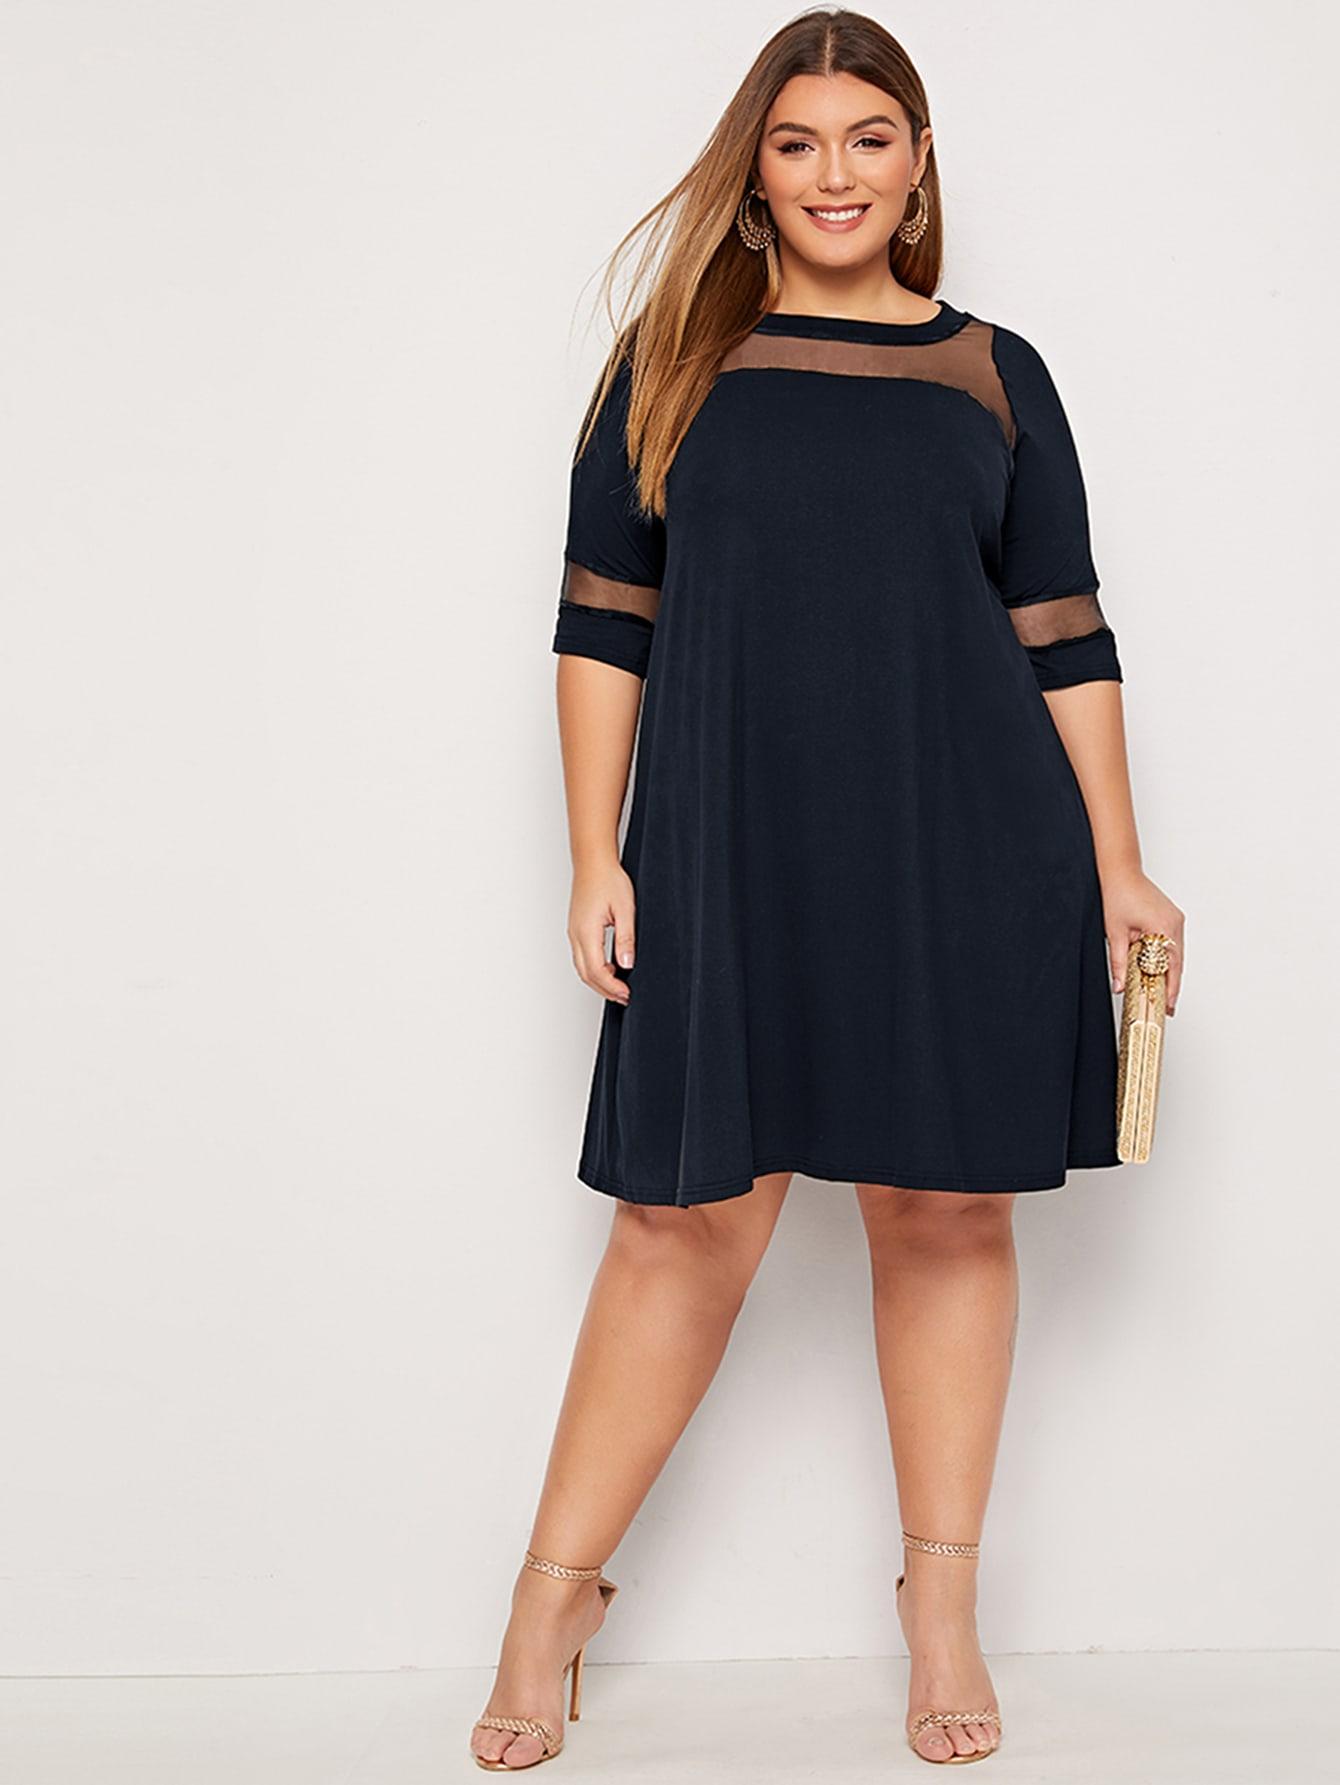 Однотонное платье размера плюс с сетчатой вставкой